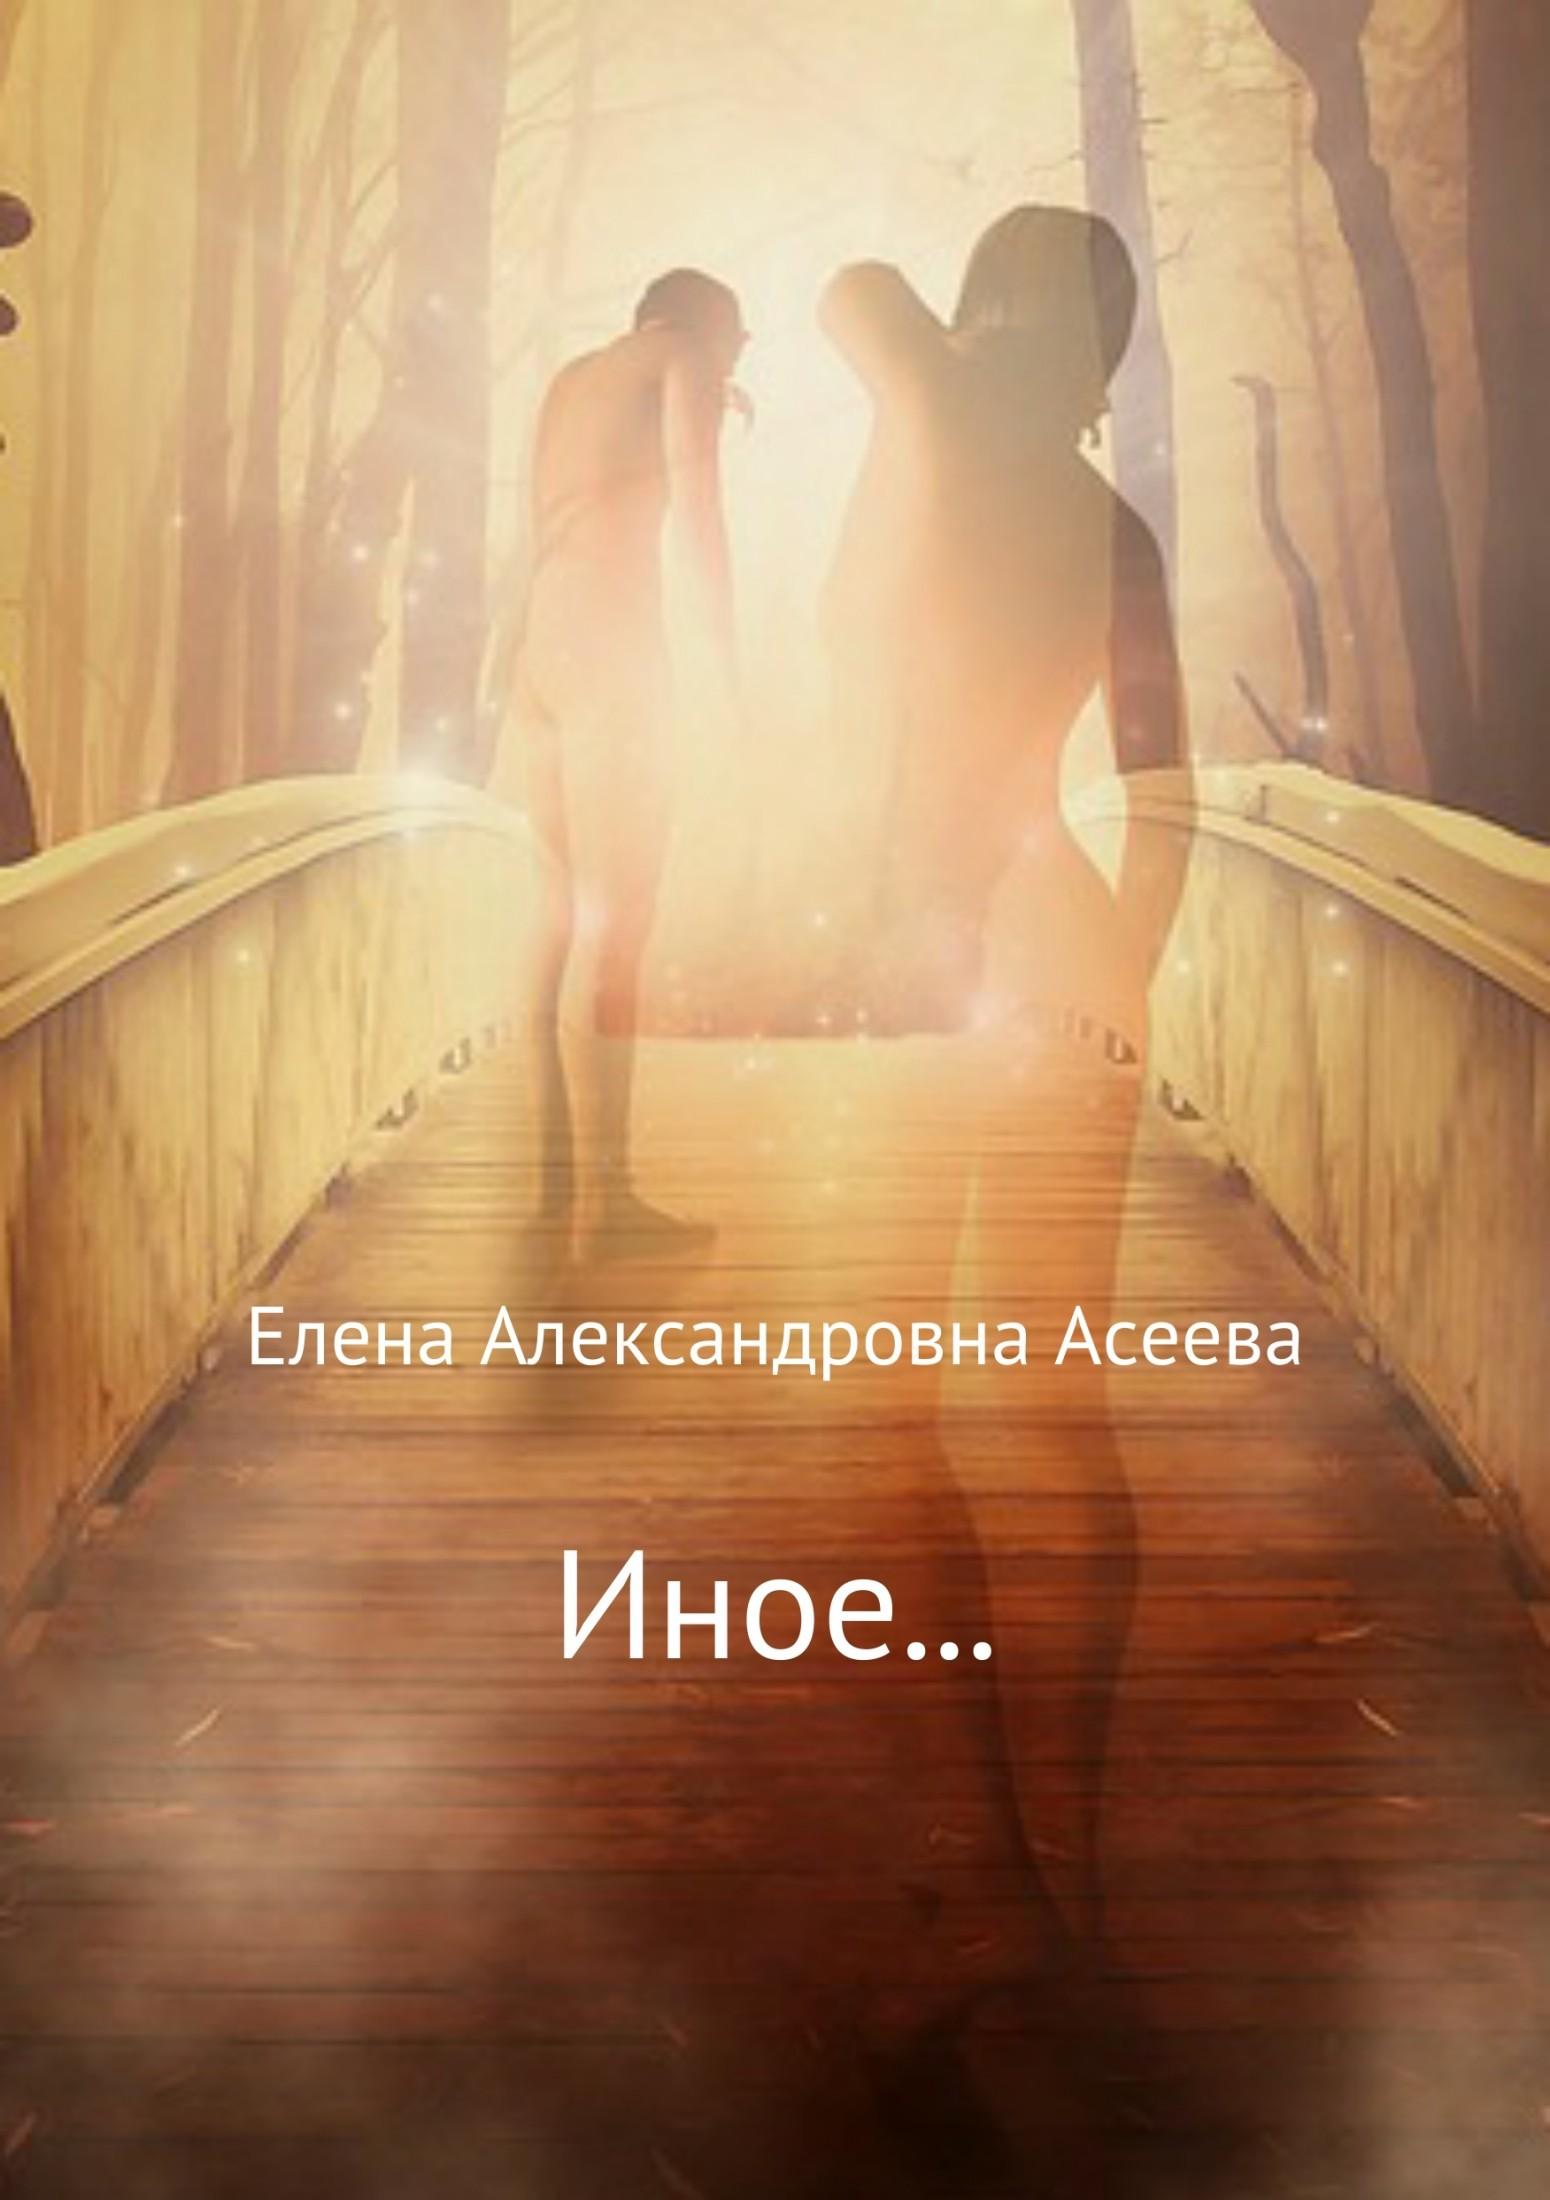 Елена Александровна Асеева Иное… благинина елена александровна издается более 30 лет ясень ясенек